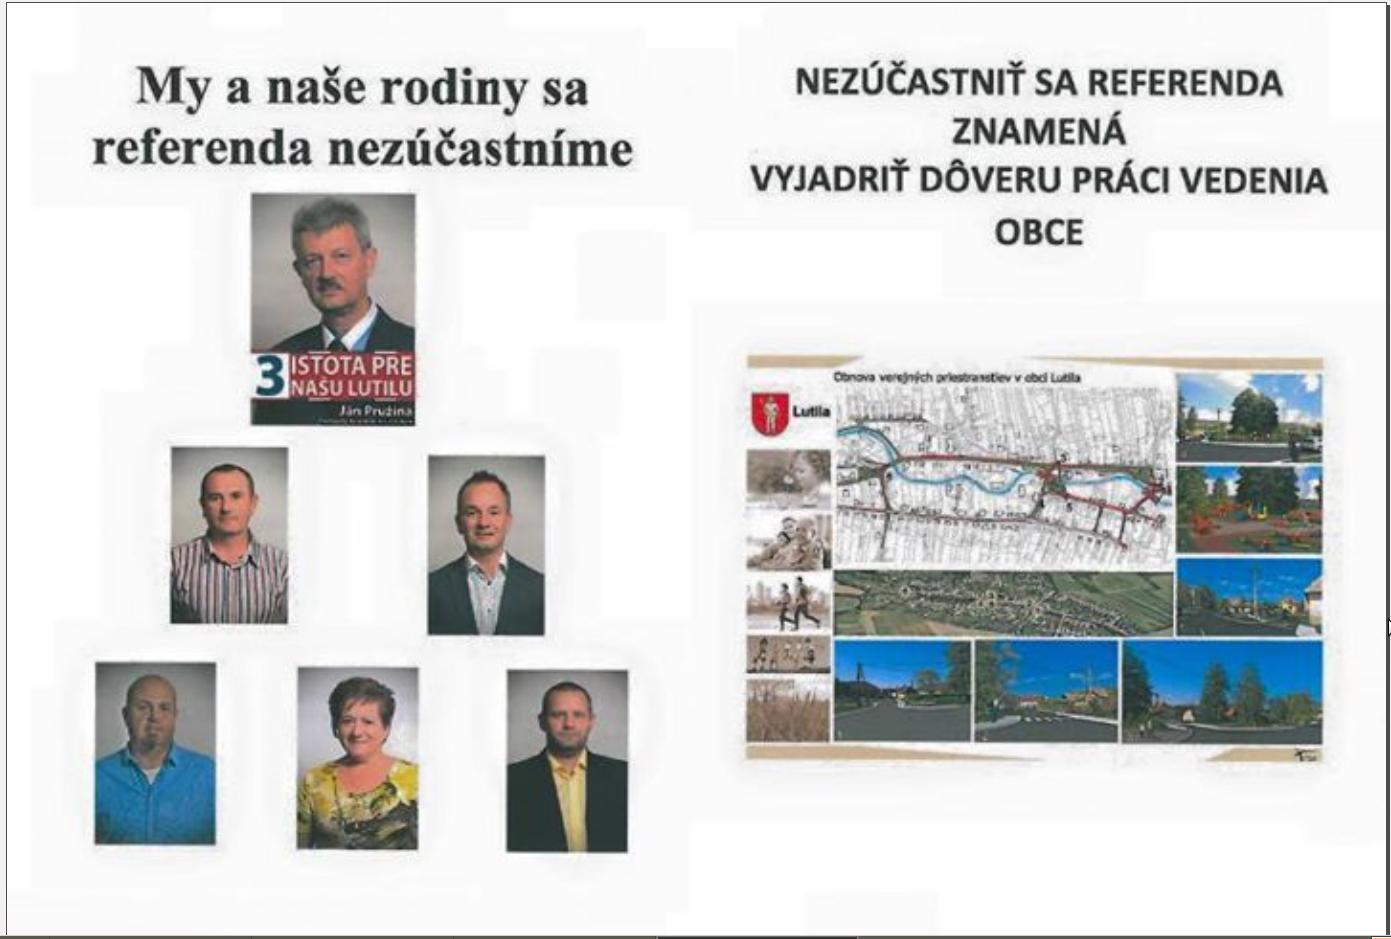 Obrázok 1 Časť letáku, ktorý bol rozdávaný v obci pred referendom v roku 2015.